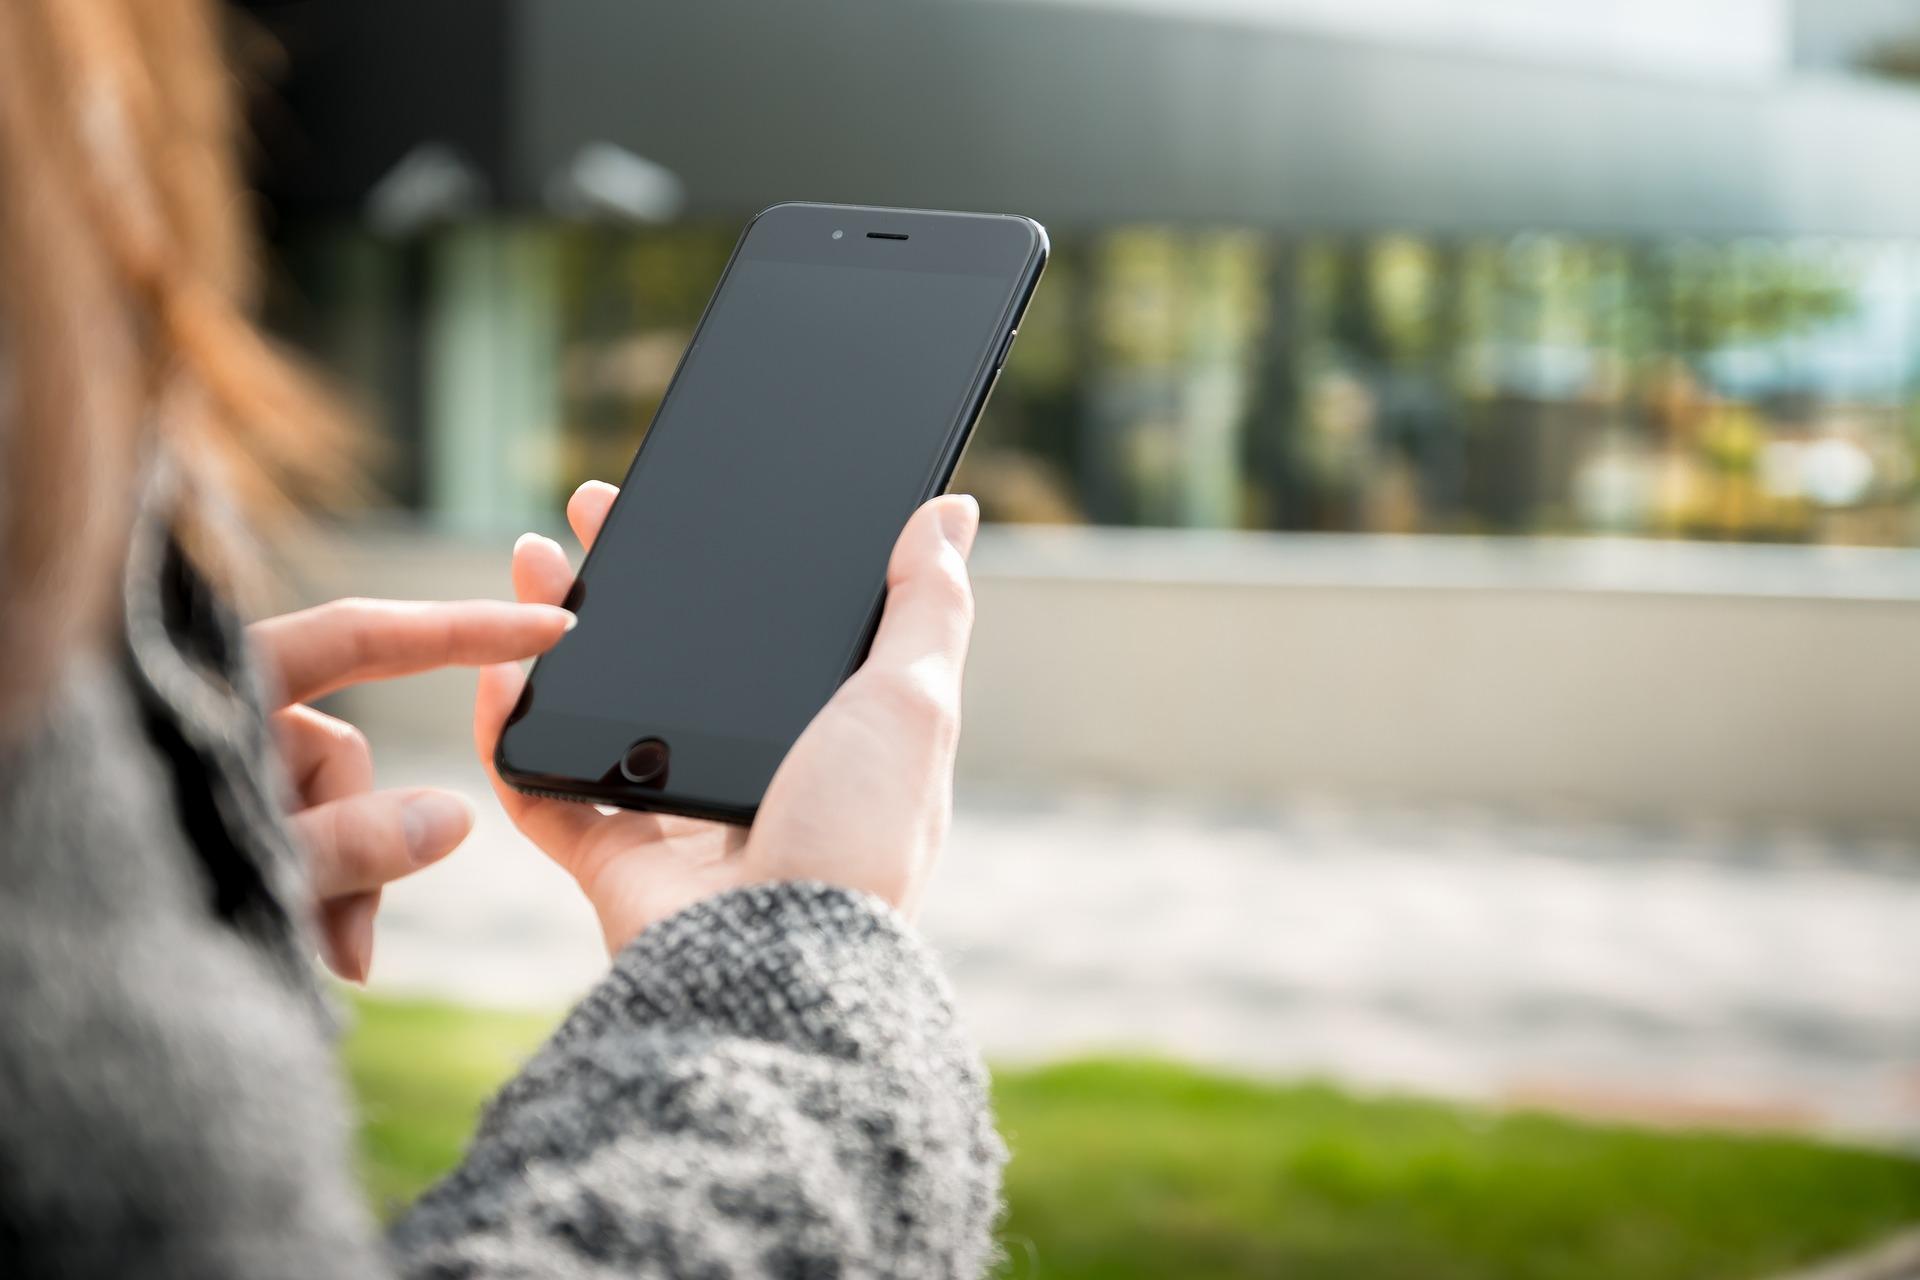 prepaid karte aktivieren ohne ausweis SIM Aktivierung ohne Ausweis: Prepaid Kauf wird schwerer